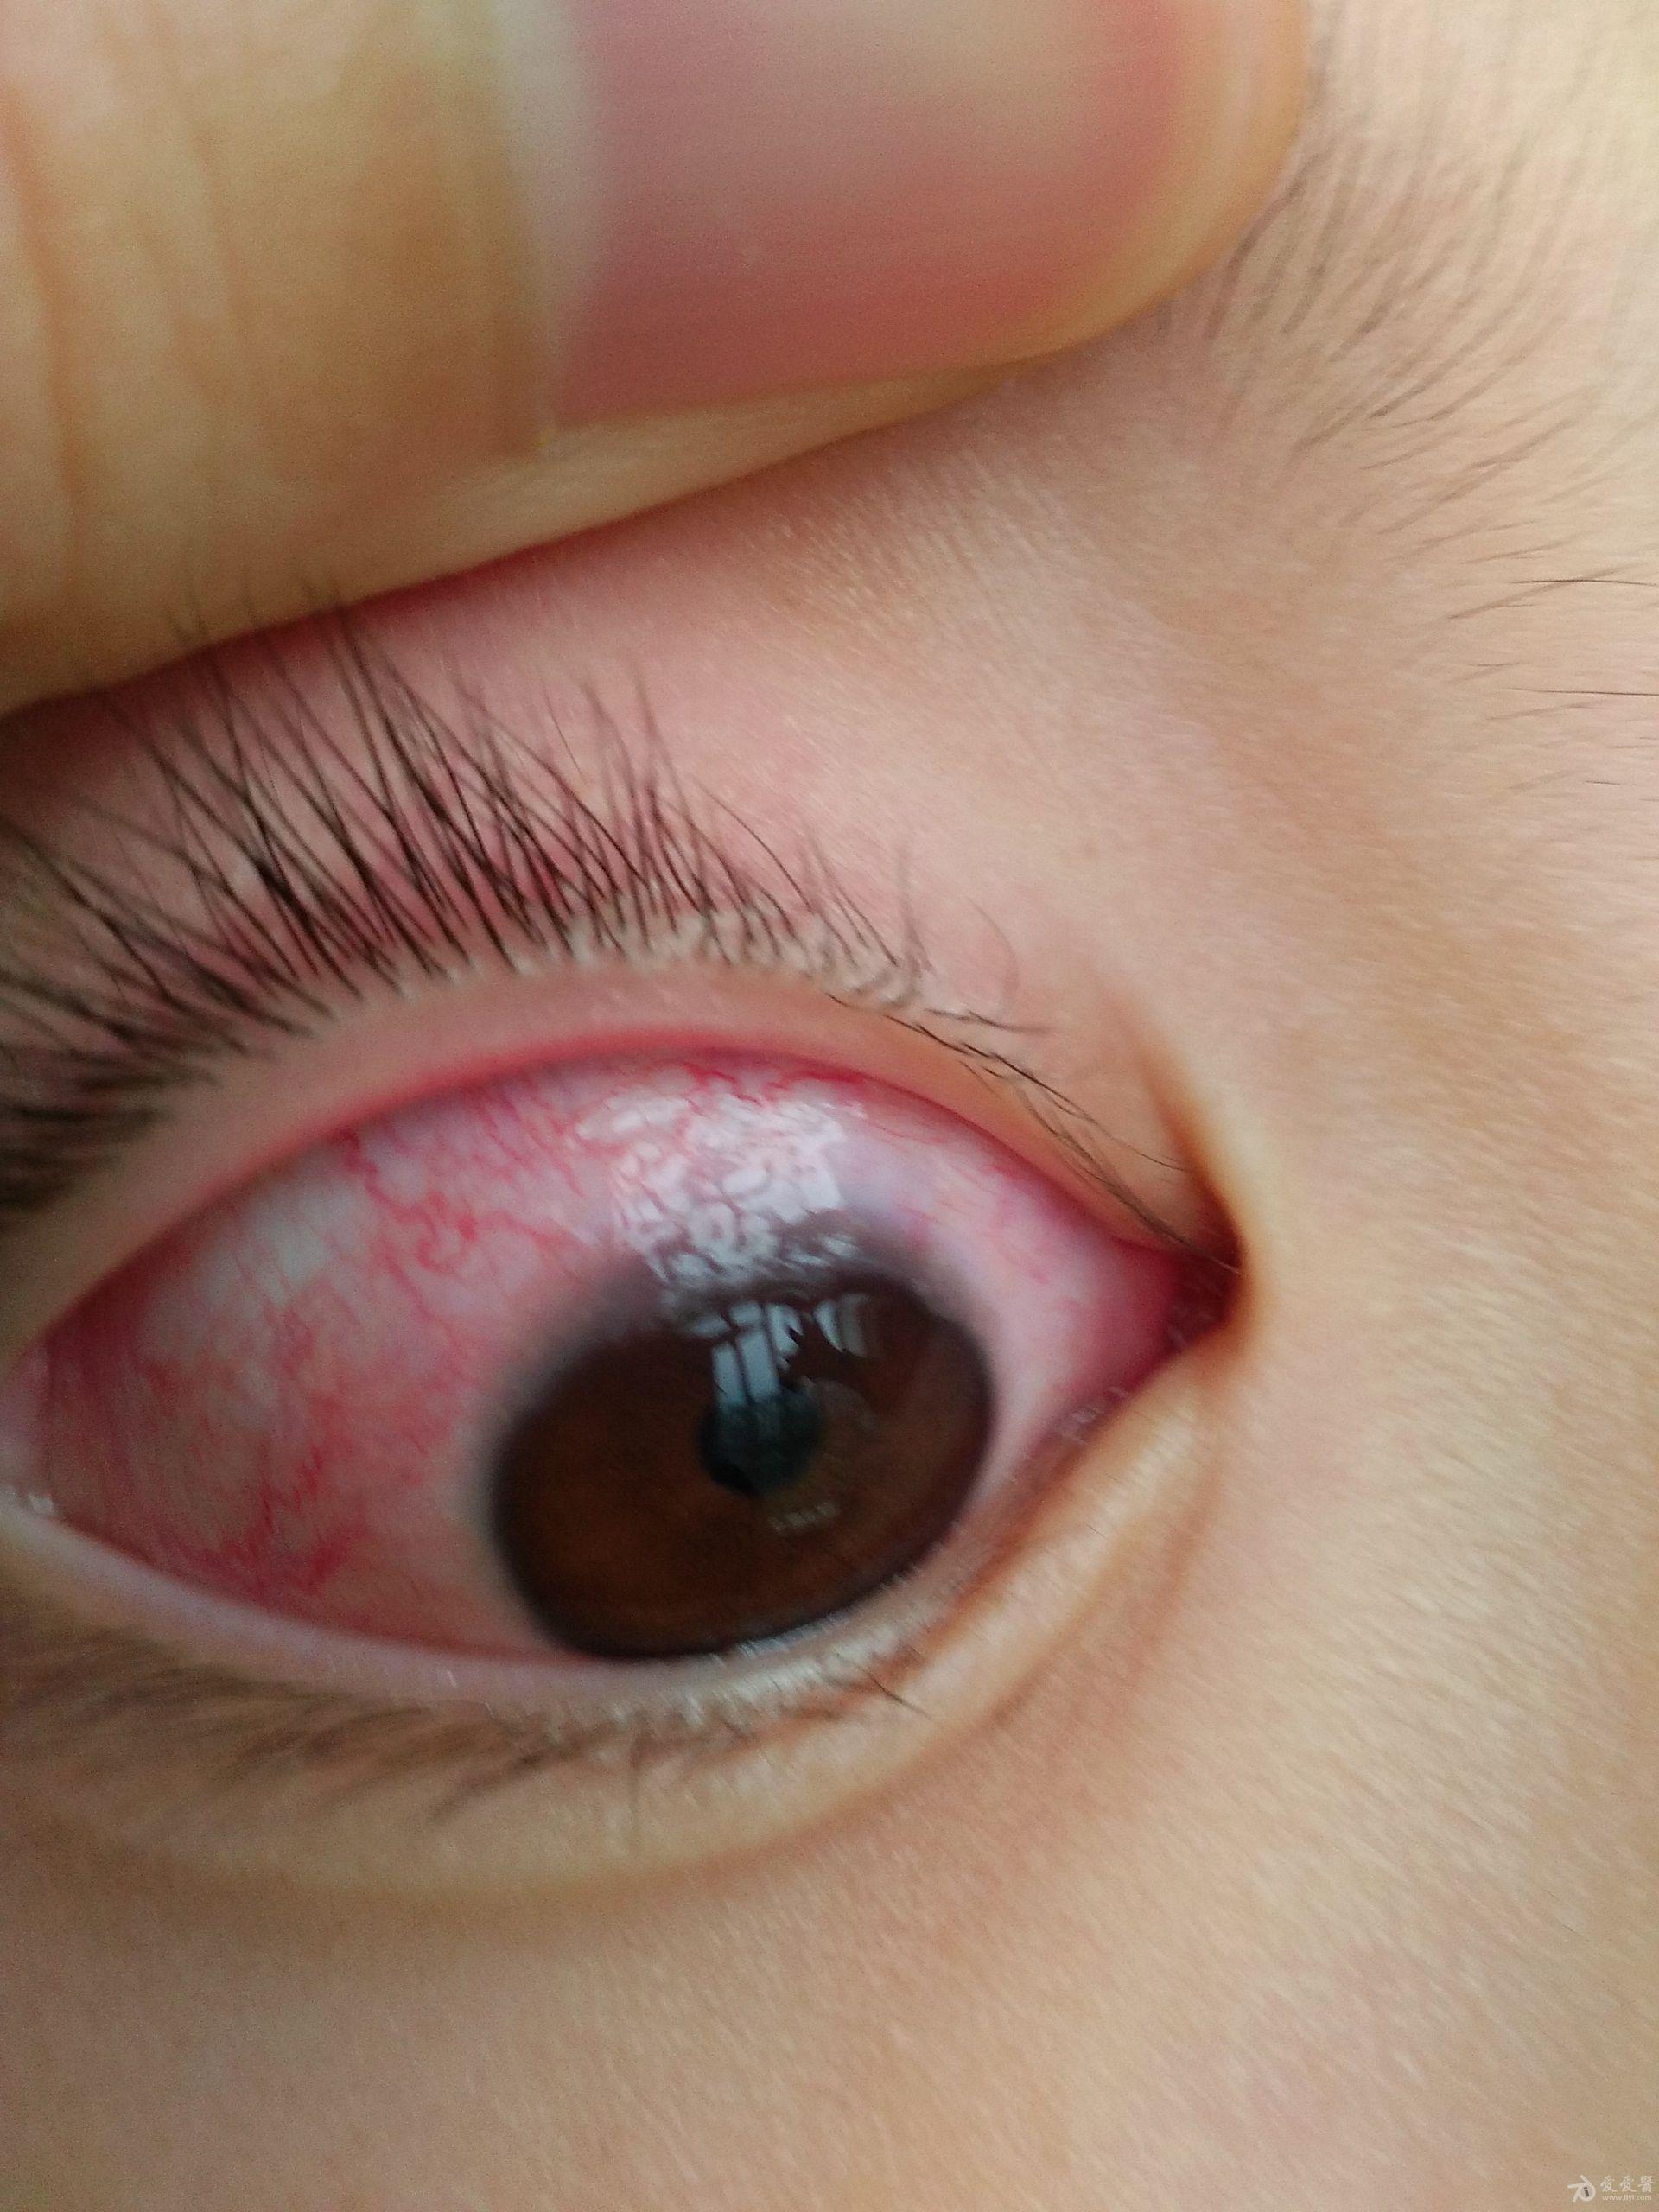 右眼7月最严重时候.jpg